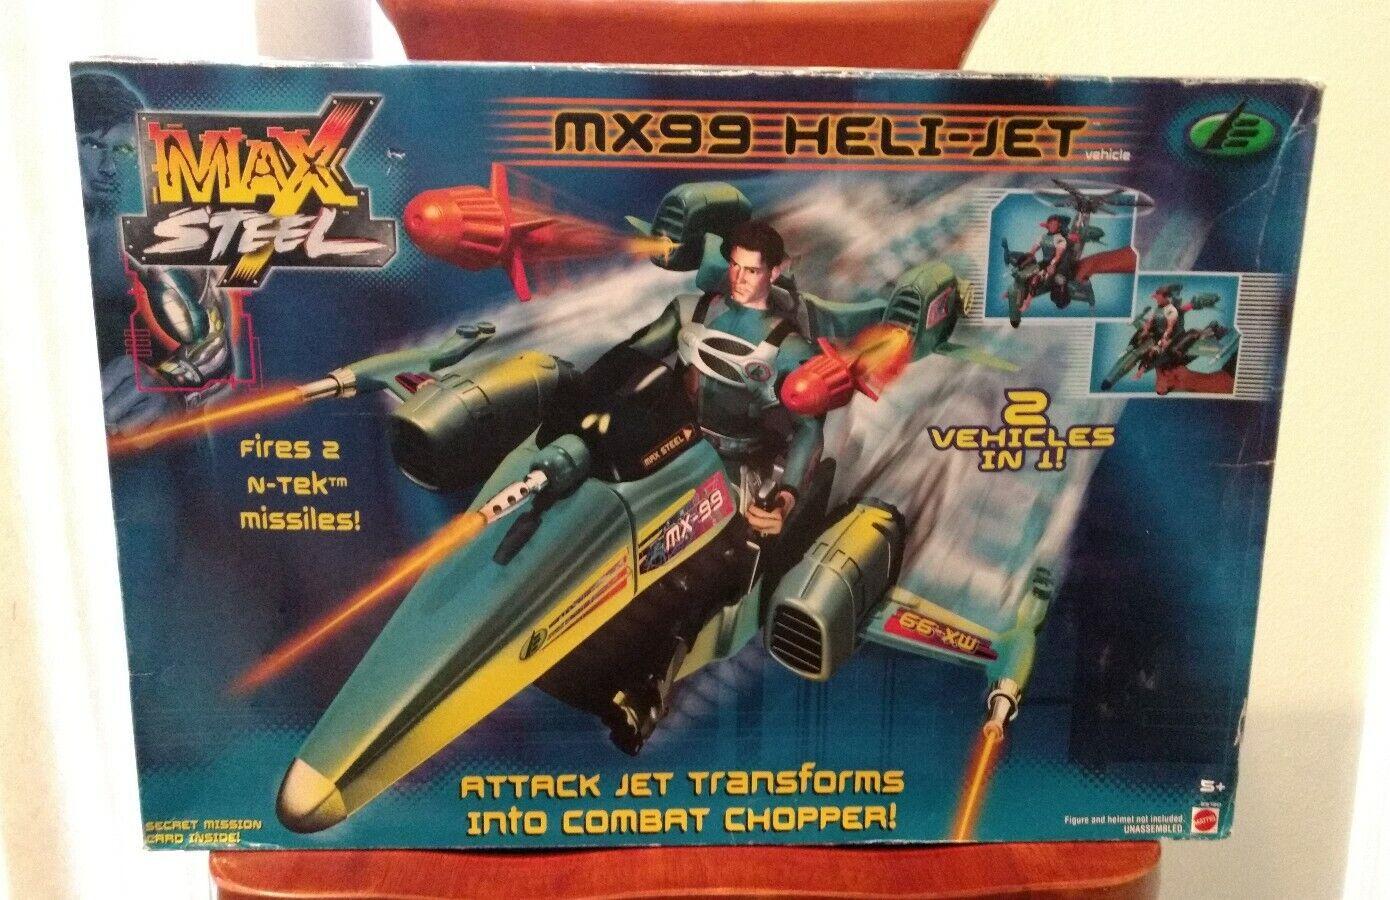 2001 MATTEL MAX STEEL MX99 HELI-JET